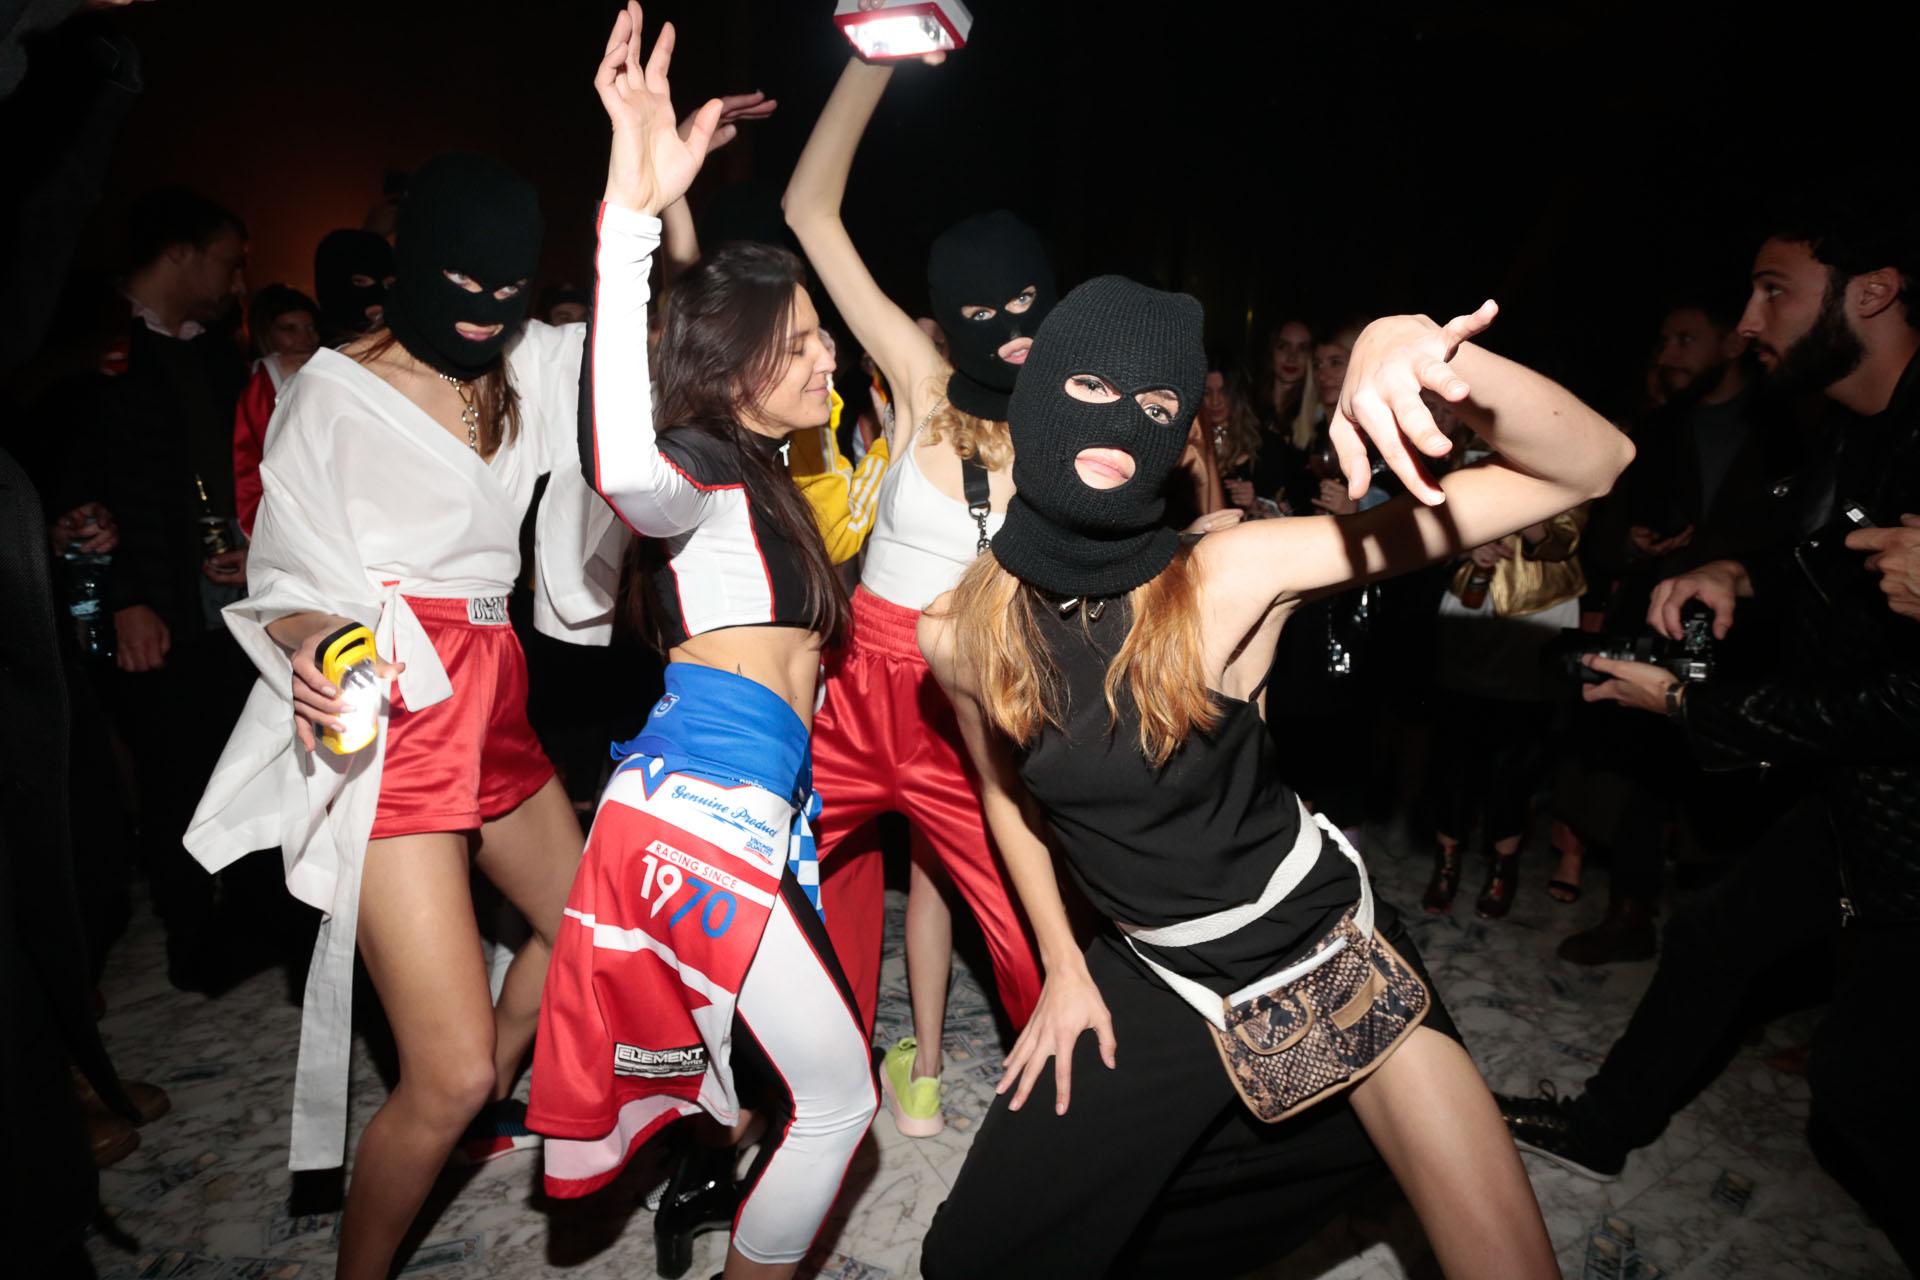 La marca realizó una fiesta en un mítico banco de Buenos Aires, que incluyó una performance de las modelos robando el banco